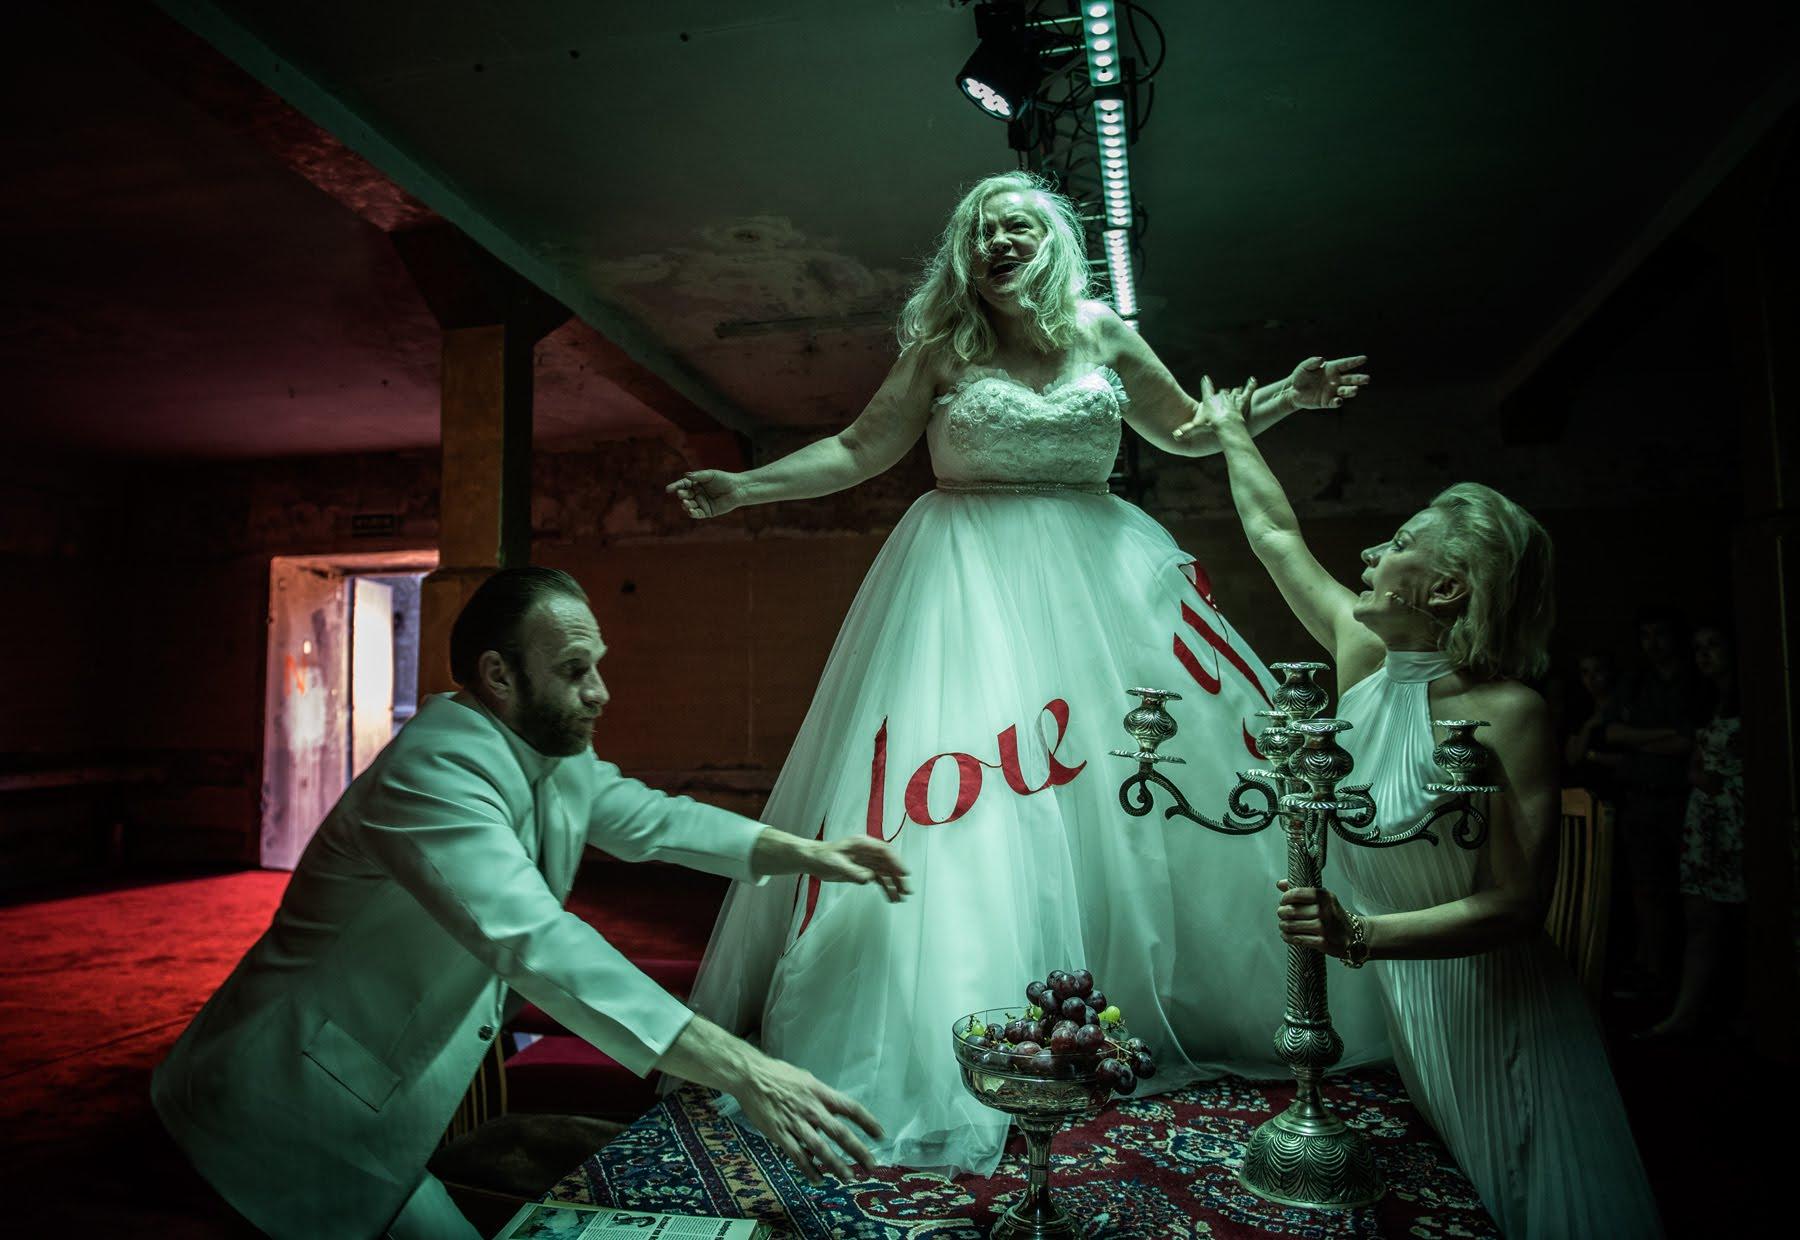 Aktorka ubrana w suknie ślubną chodząca po stole oraz dwoje aktorów asekurującą ją